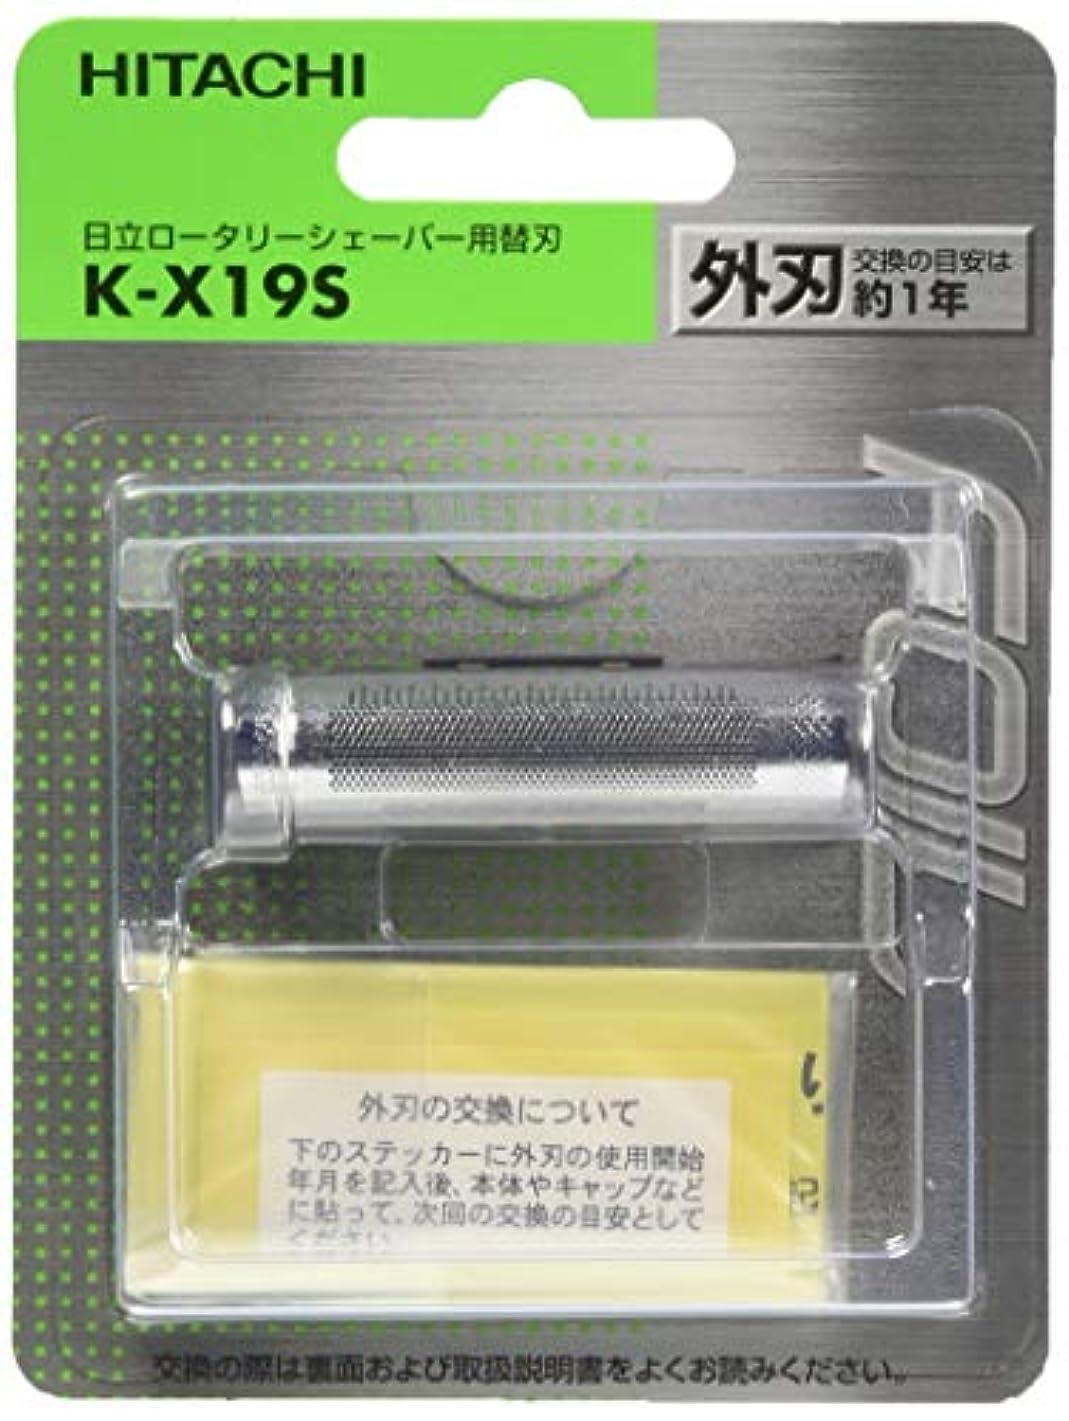 登録トランペットバインド日立 替刃 外刃 K-X19S